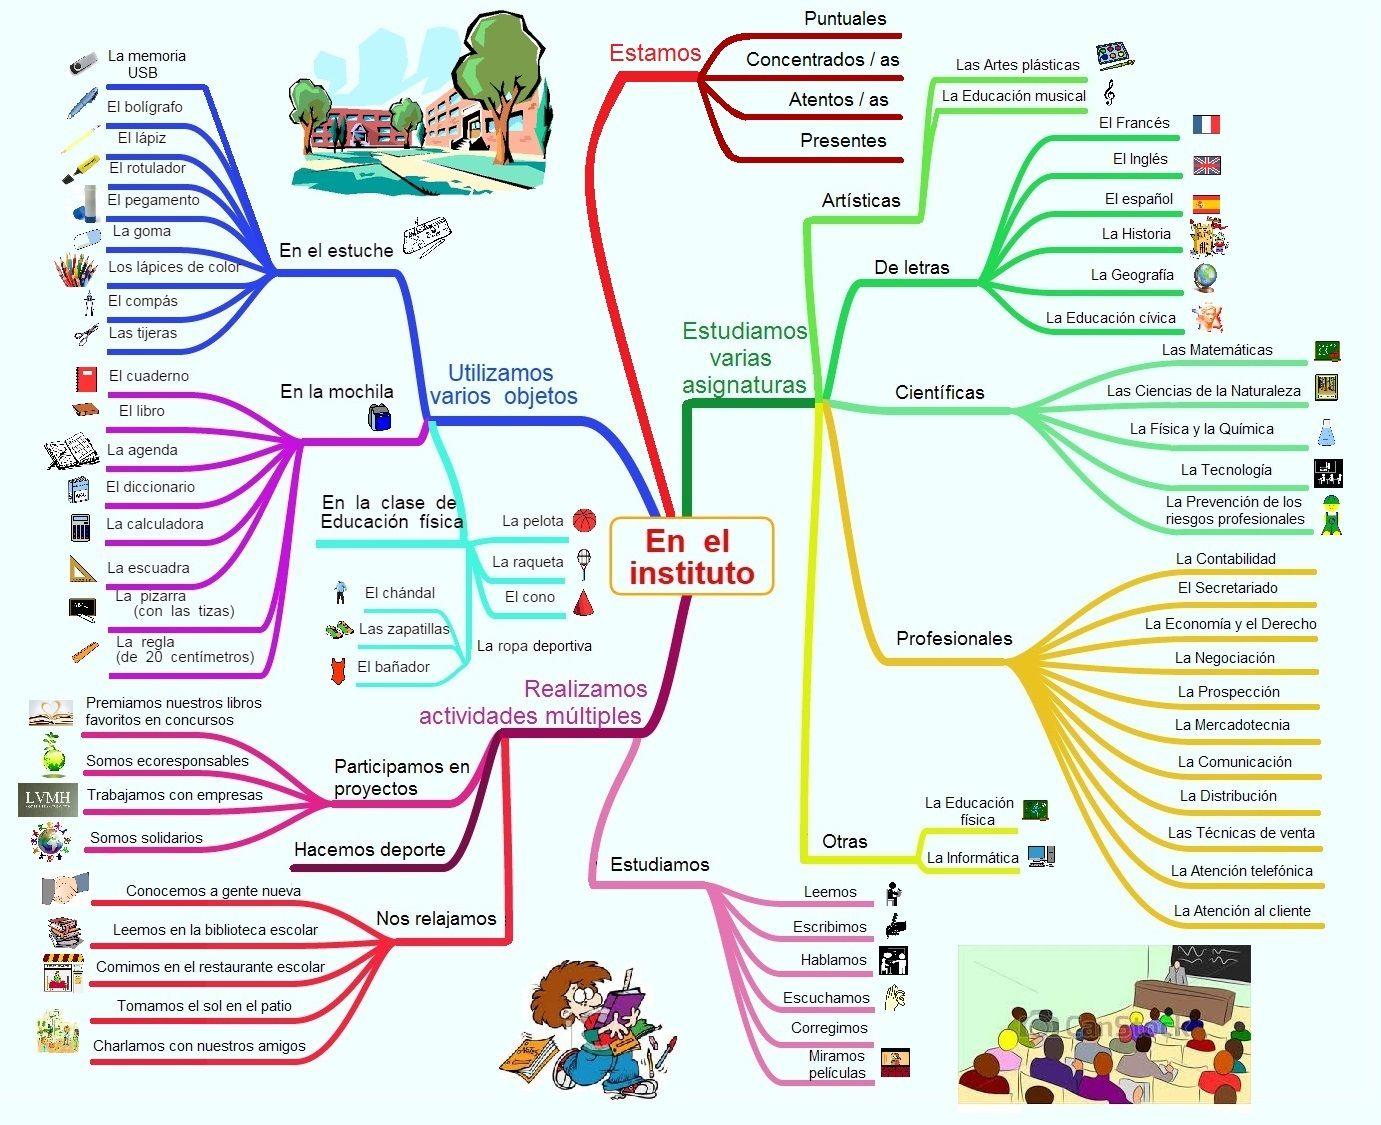 Mapa Mental En El Instituto Profesional Comercio Venta Atencion Al Cliente Gestion